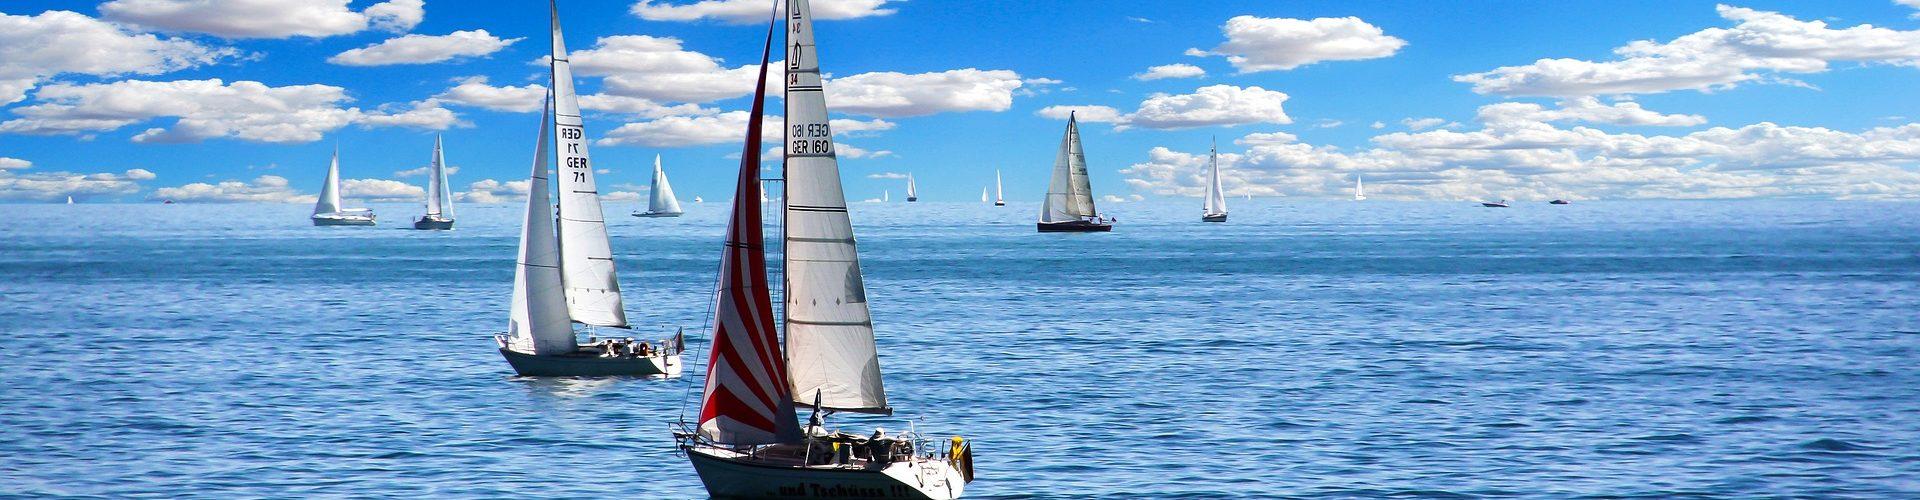 segeln lernen in Rees segelschein machen in Rees 1920x500 - Segeln lernen in Rees